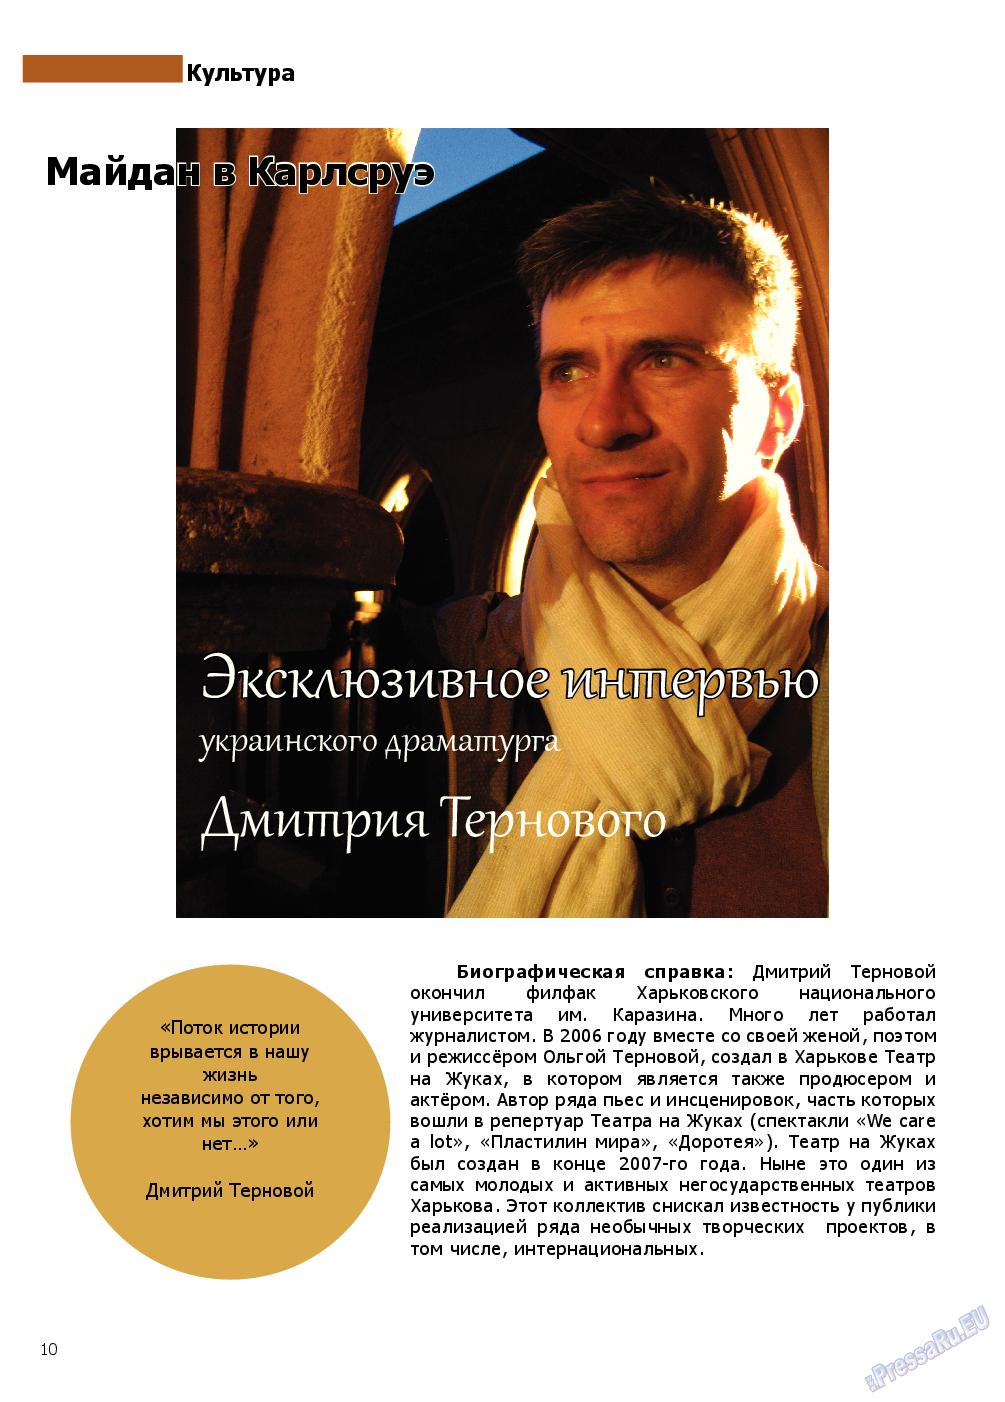 Русский Штутгарт (журнал). 2014 год, номер 40, стр. 10